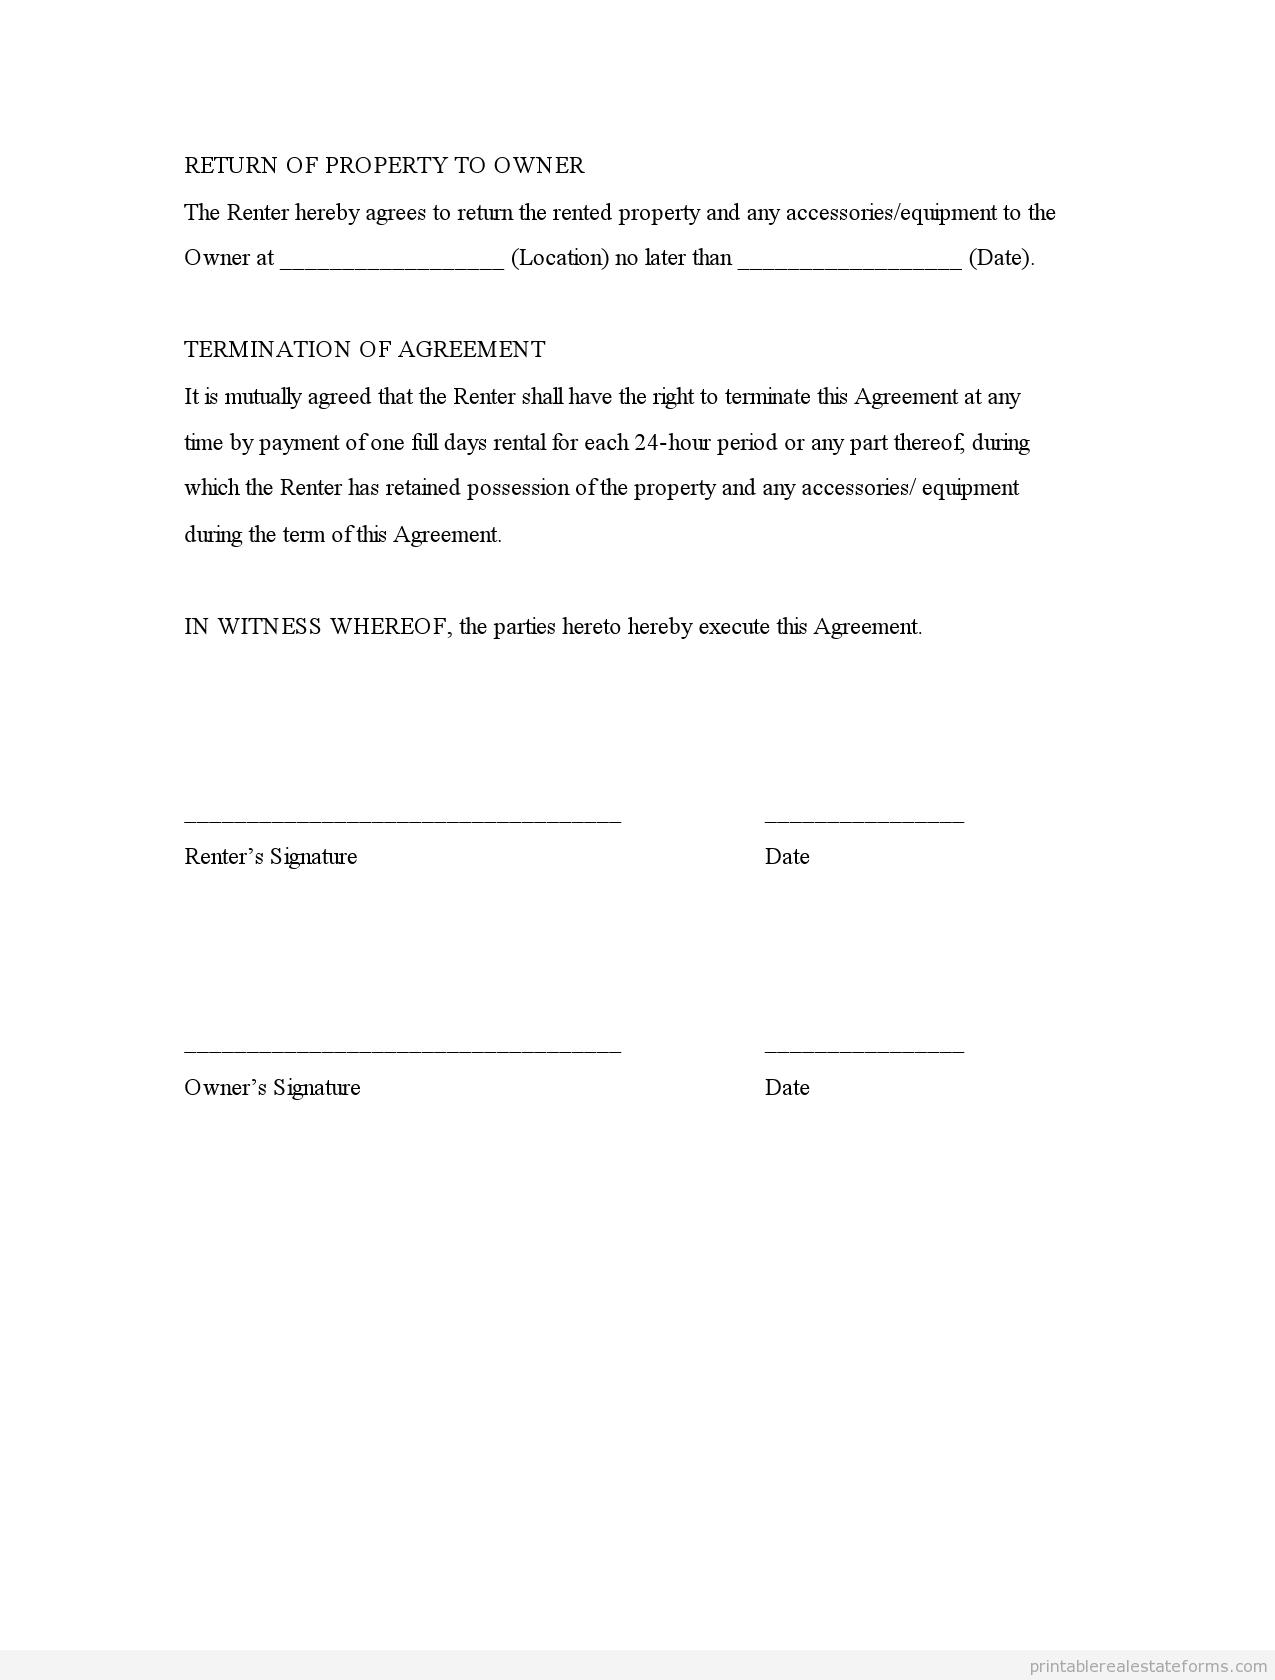 sample printable rental agreement generic form sample real estate forms pinterest real. Black Bedroom Furniture Sets. Home Design Ideas